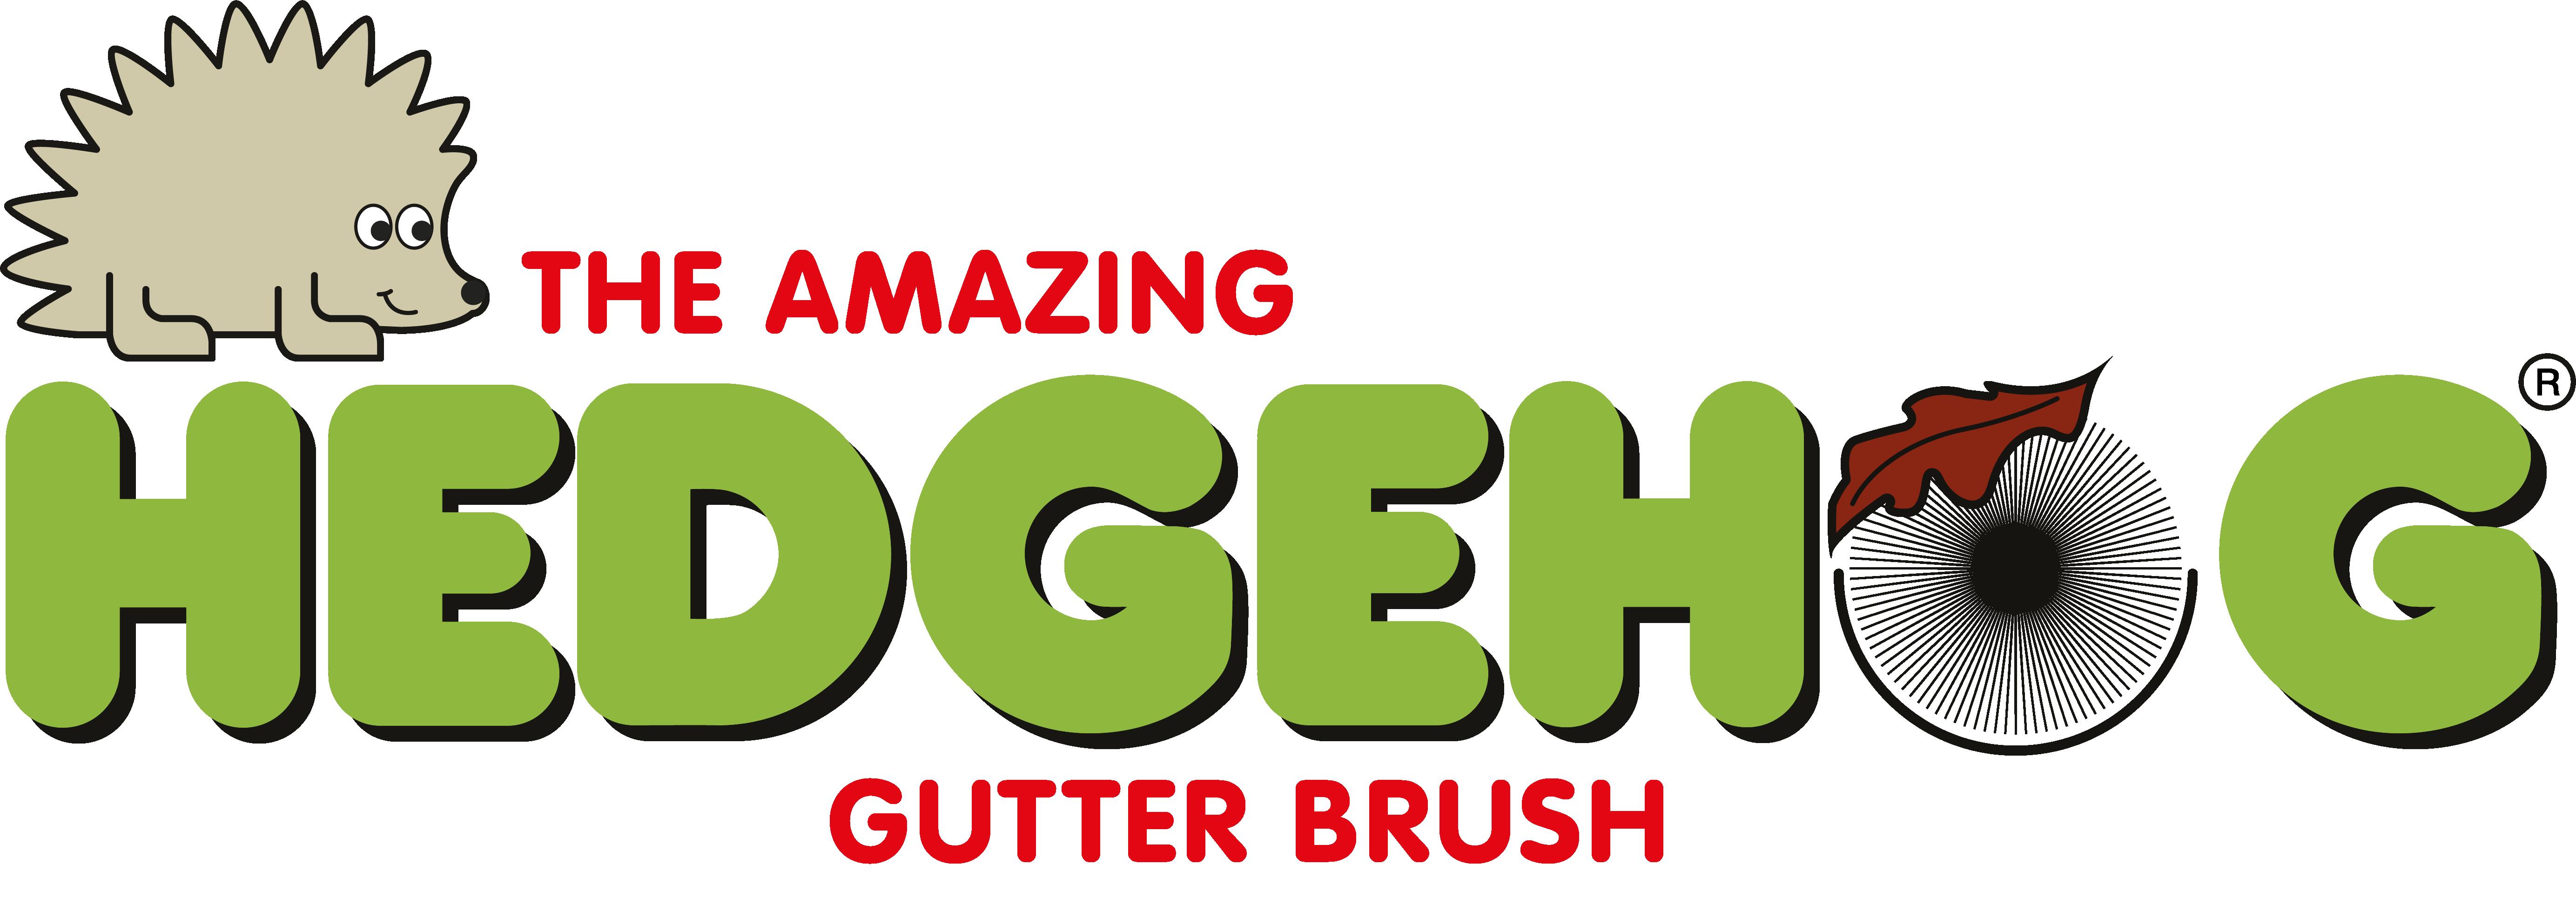 hedgehog gutter brush leafguard